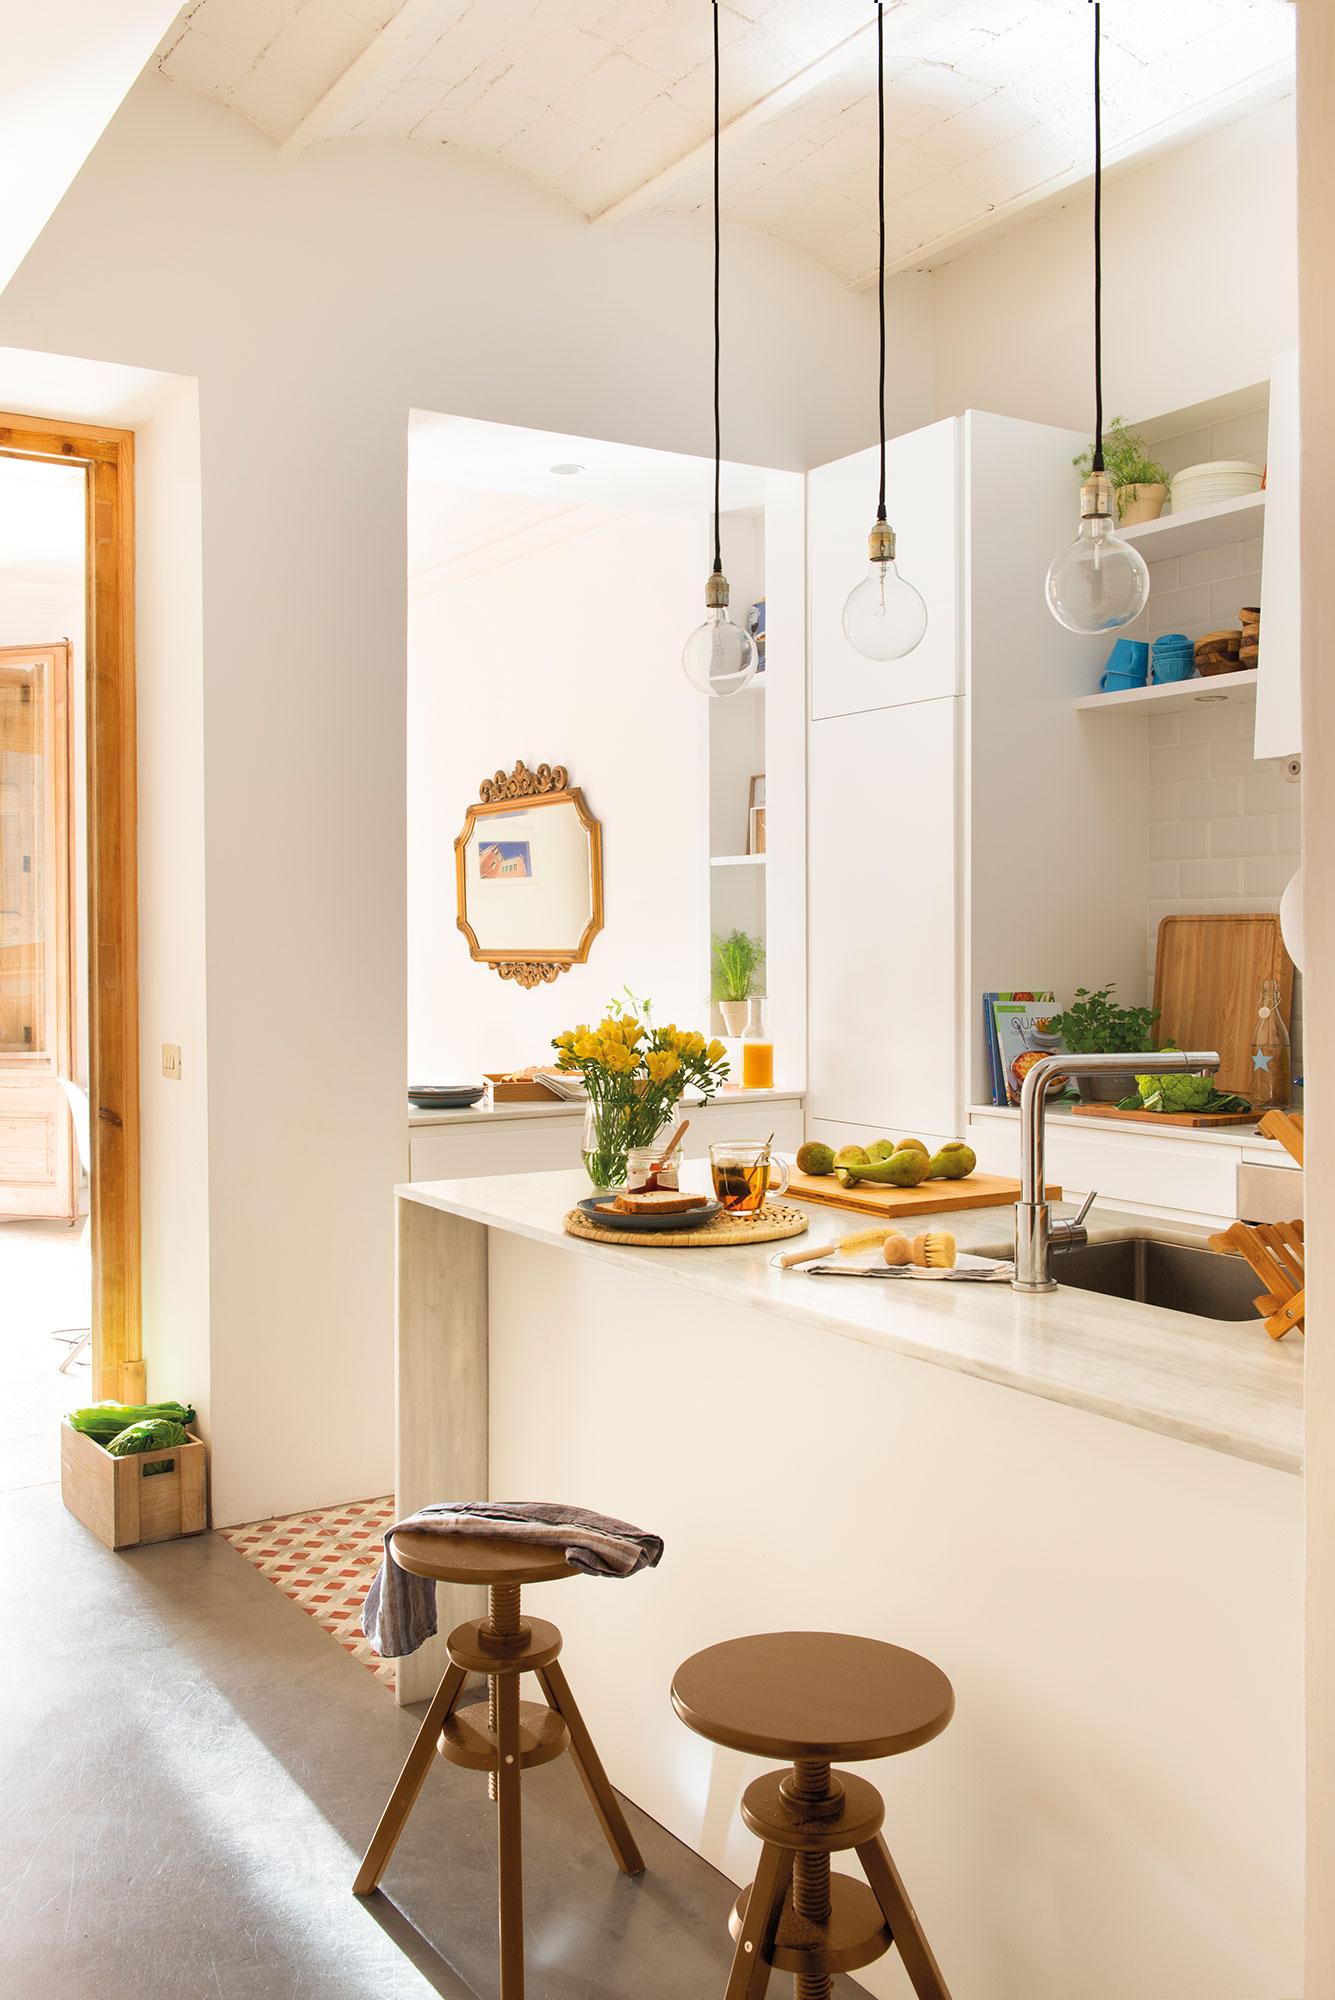 Reformar la cocina para ganar metros y luz - Reformar cocina pequena ...